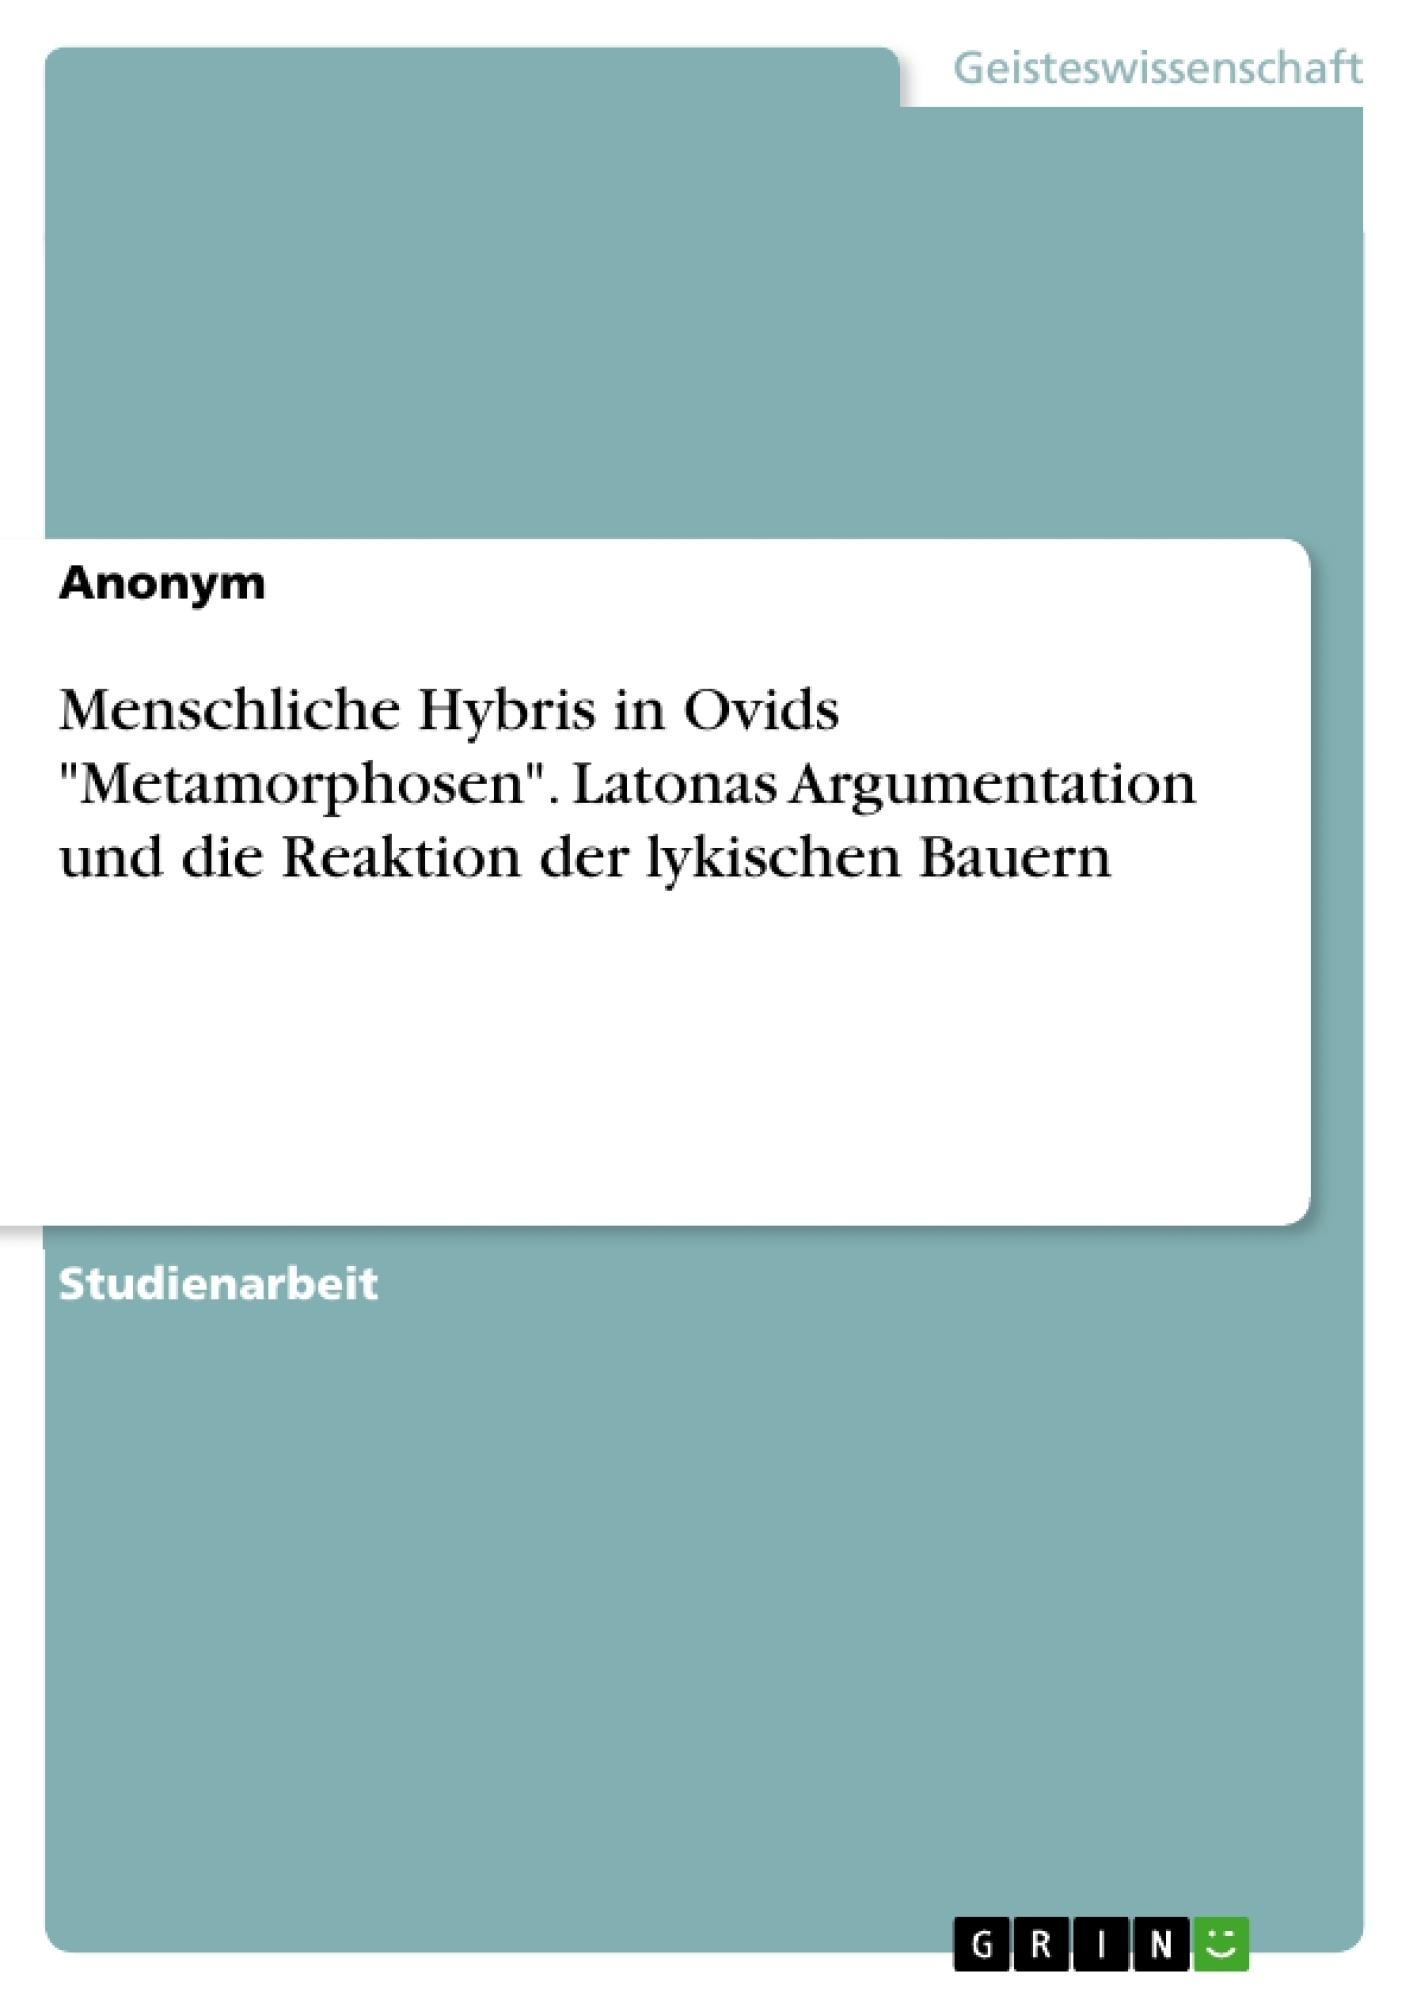 """Titel: Menschliche Hybris in Ovids """"Metamorphosen"""". Latonas Argumentation und die Reaktion der lykischen Bauern"""